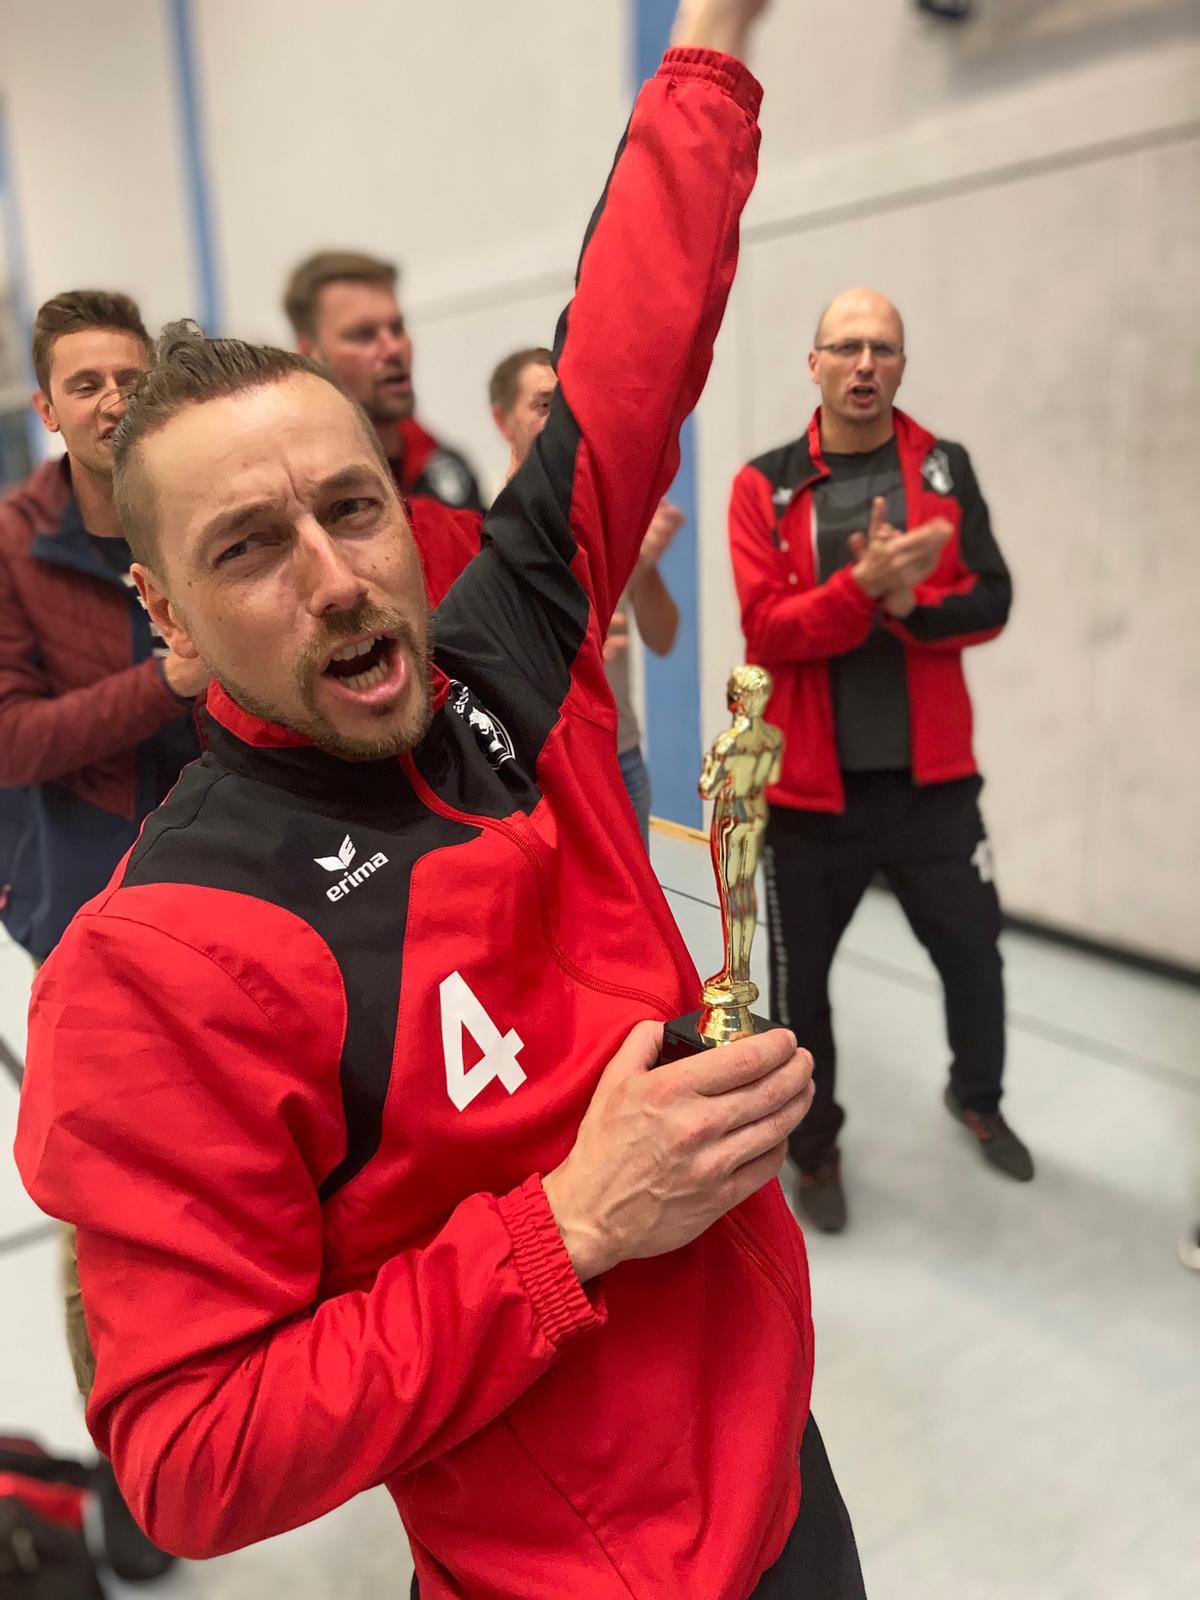 Da sind Parallelen: Pöẞnecker Volleyballer und die Bundestagswahl – oder: Erster Spieltag: Verbandsliga Nord startet für die Pöẞnecker Volleyballer mit einem Sieg